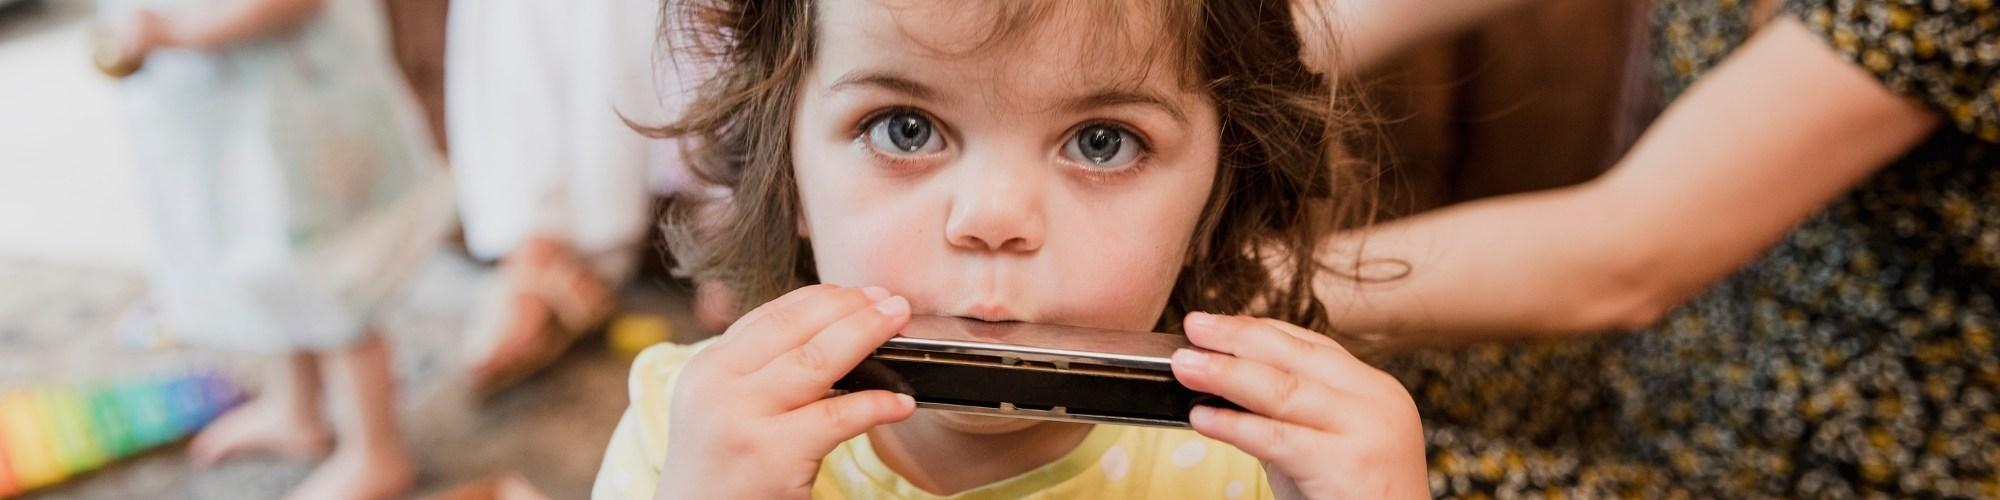 gaita harmonica